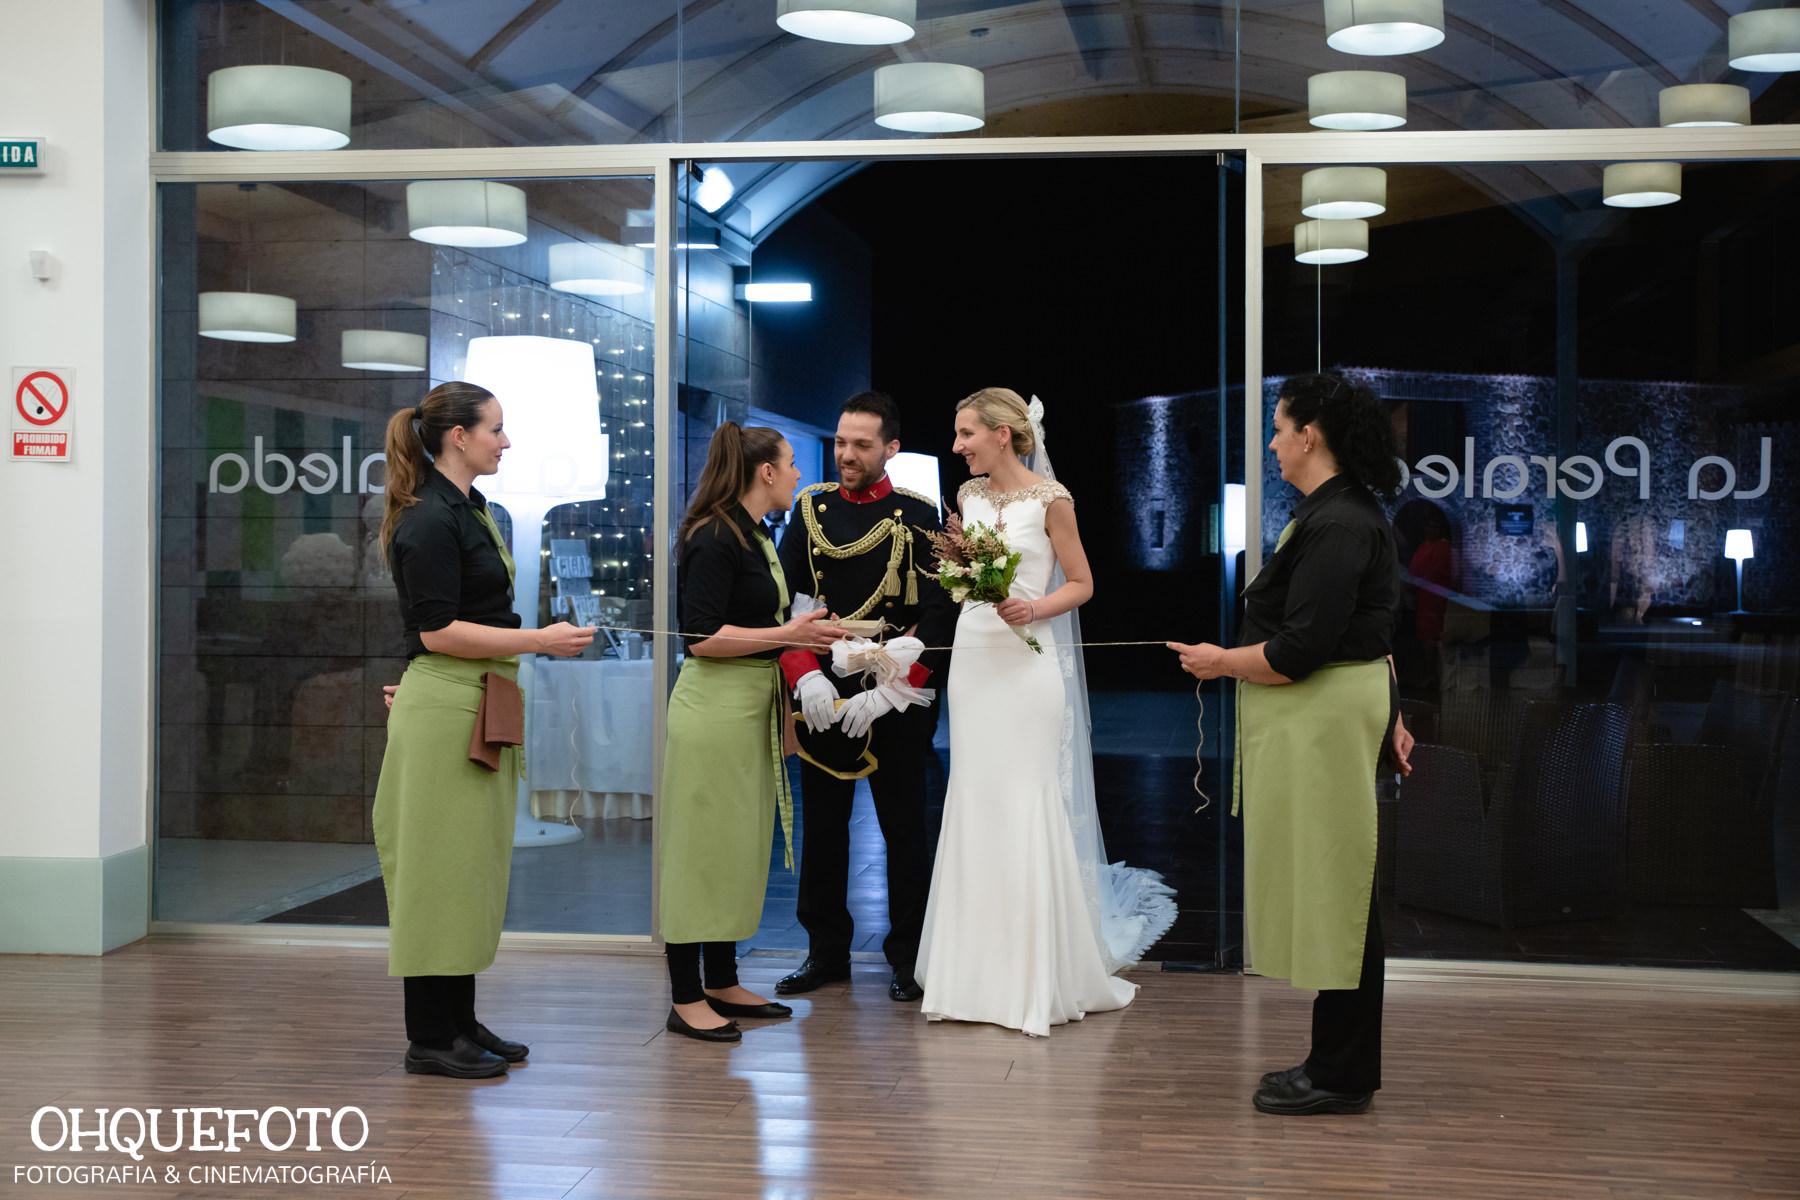 boda en la peraleda boda en cabeza del buey boda en capilla reportaje de bodas en almaden video de bodas en cordoba476 - Jose y Gema - Boda en Zarza Capilla y la Finca La Peraleda (Chillón)